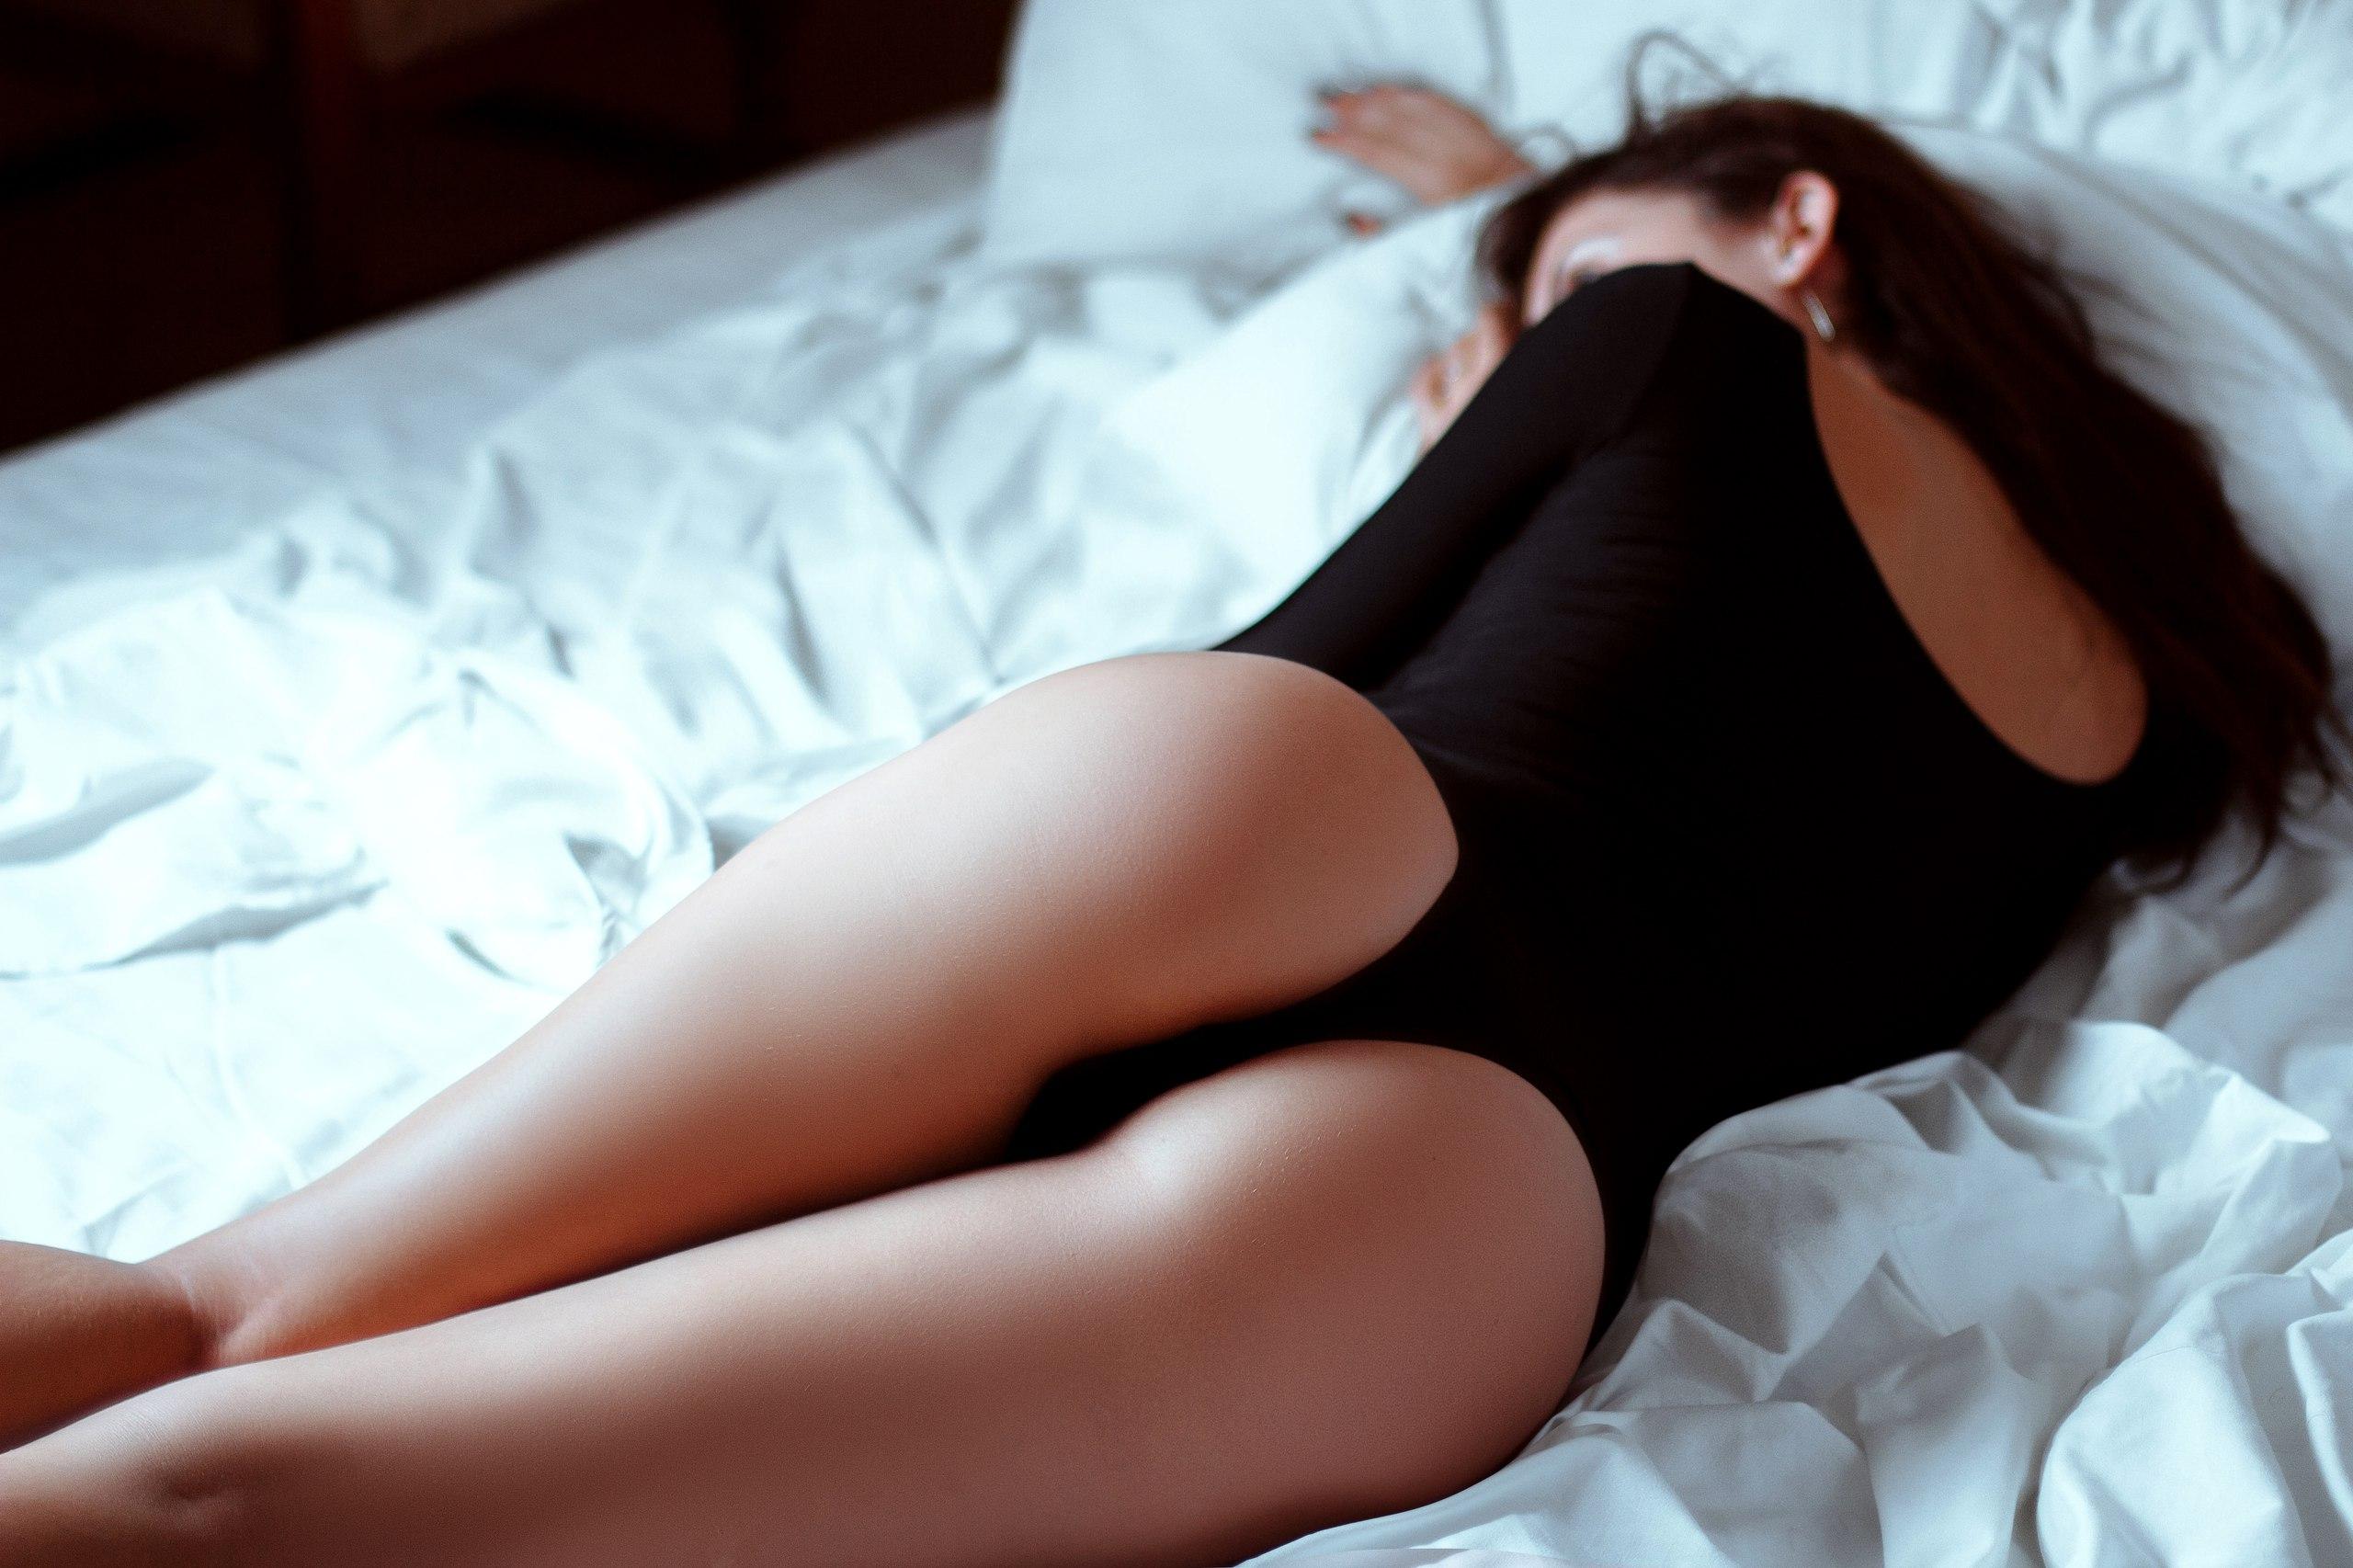 Miranda Kerr Sexiest Pictures